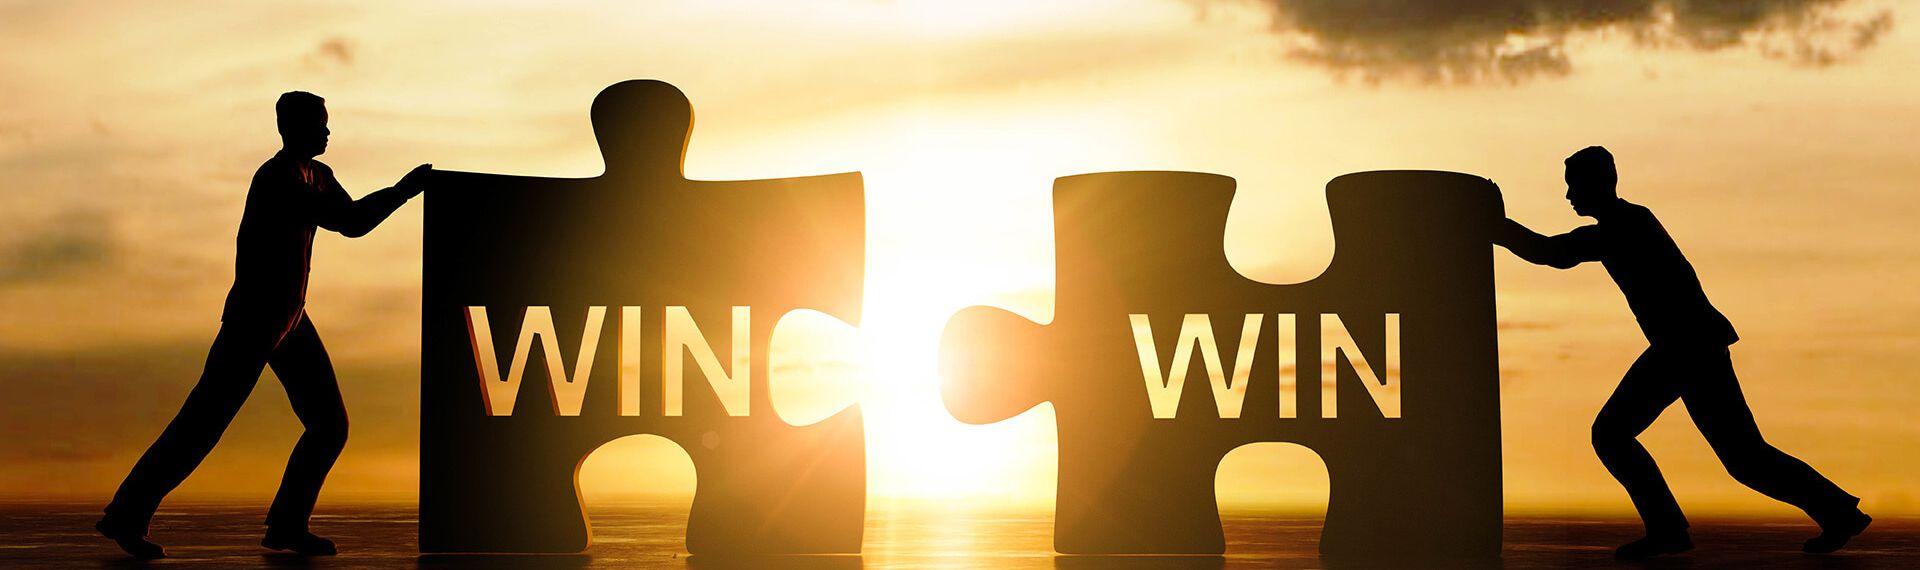 Verbandsvorteile/Rahmenabkommen